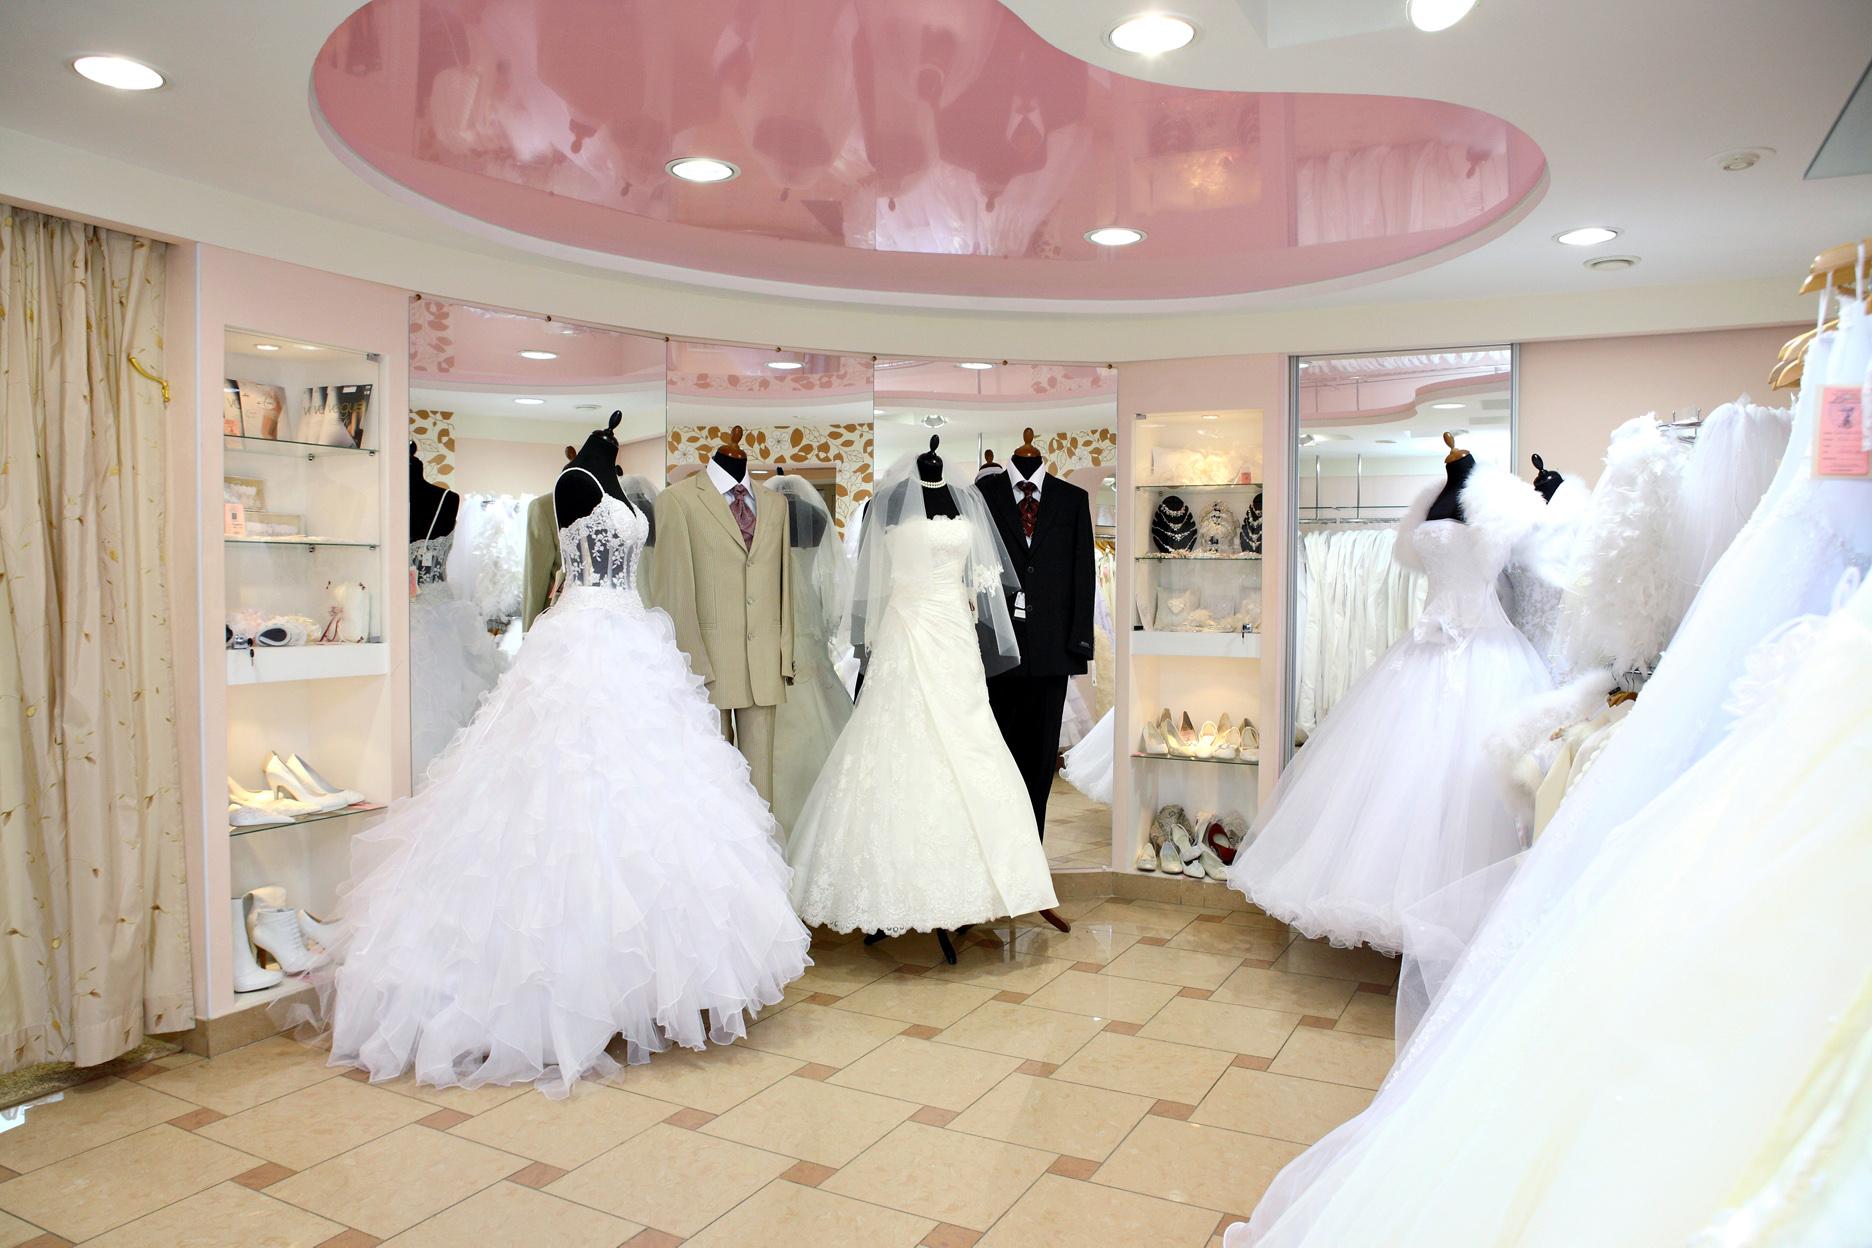 итальянские, французкие и испанские свадебные платья